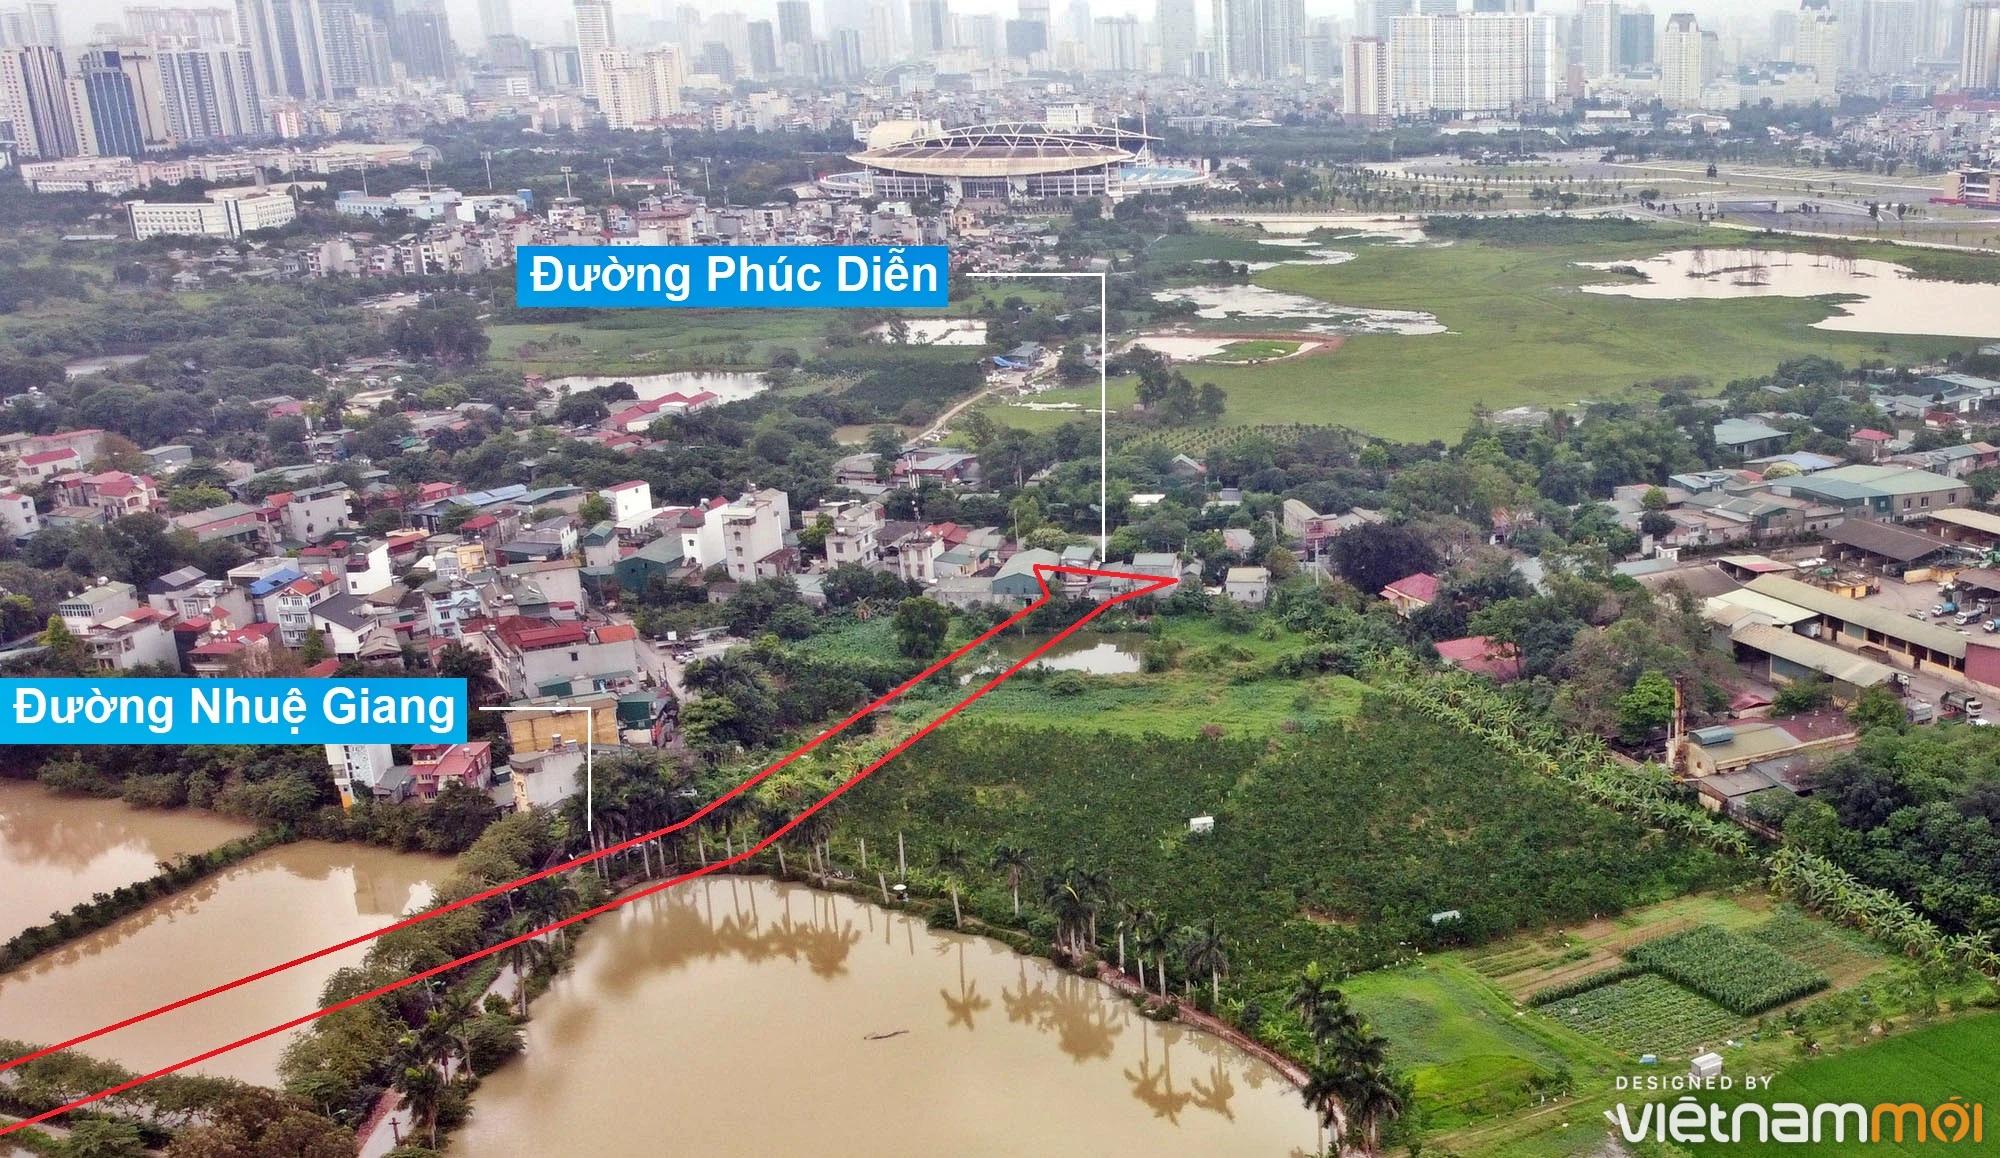 Những khu đất sắp thu hồi để mở đường ở phường Tây Mỗ, Nam Từ Liêm, Hà Nội (phần 1) - Ảnh 14.